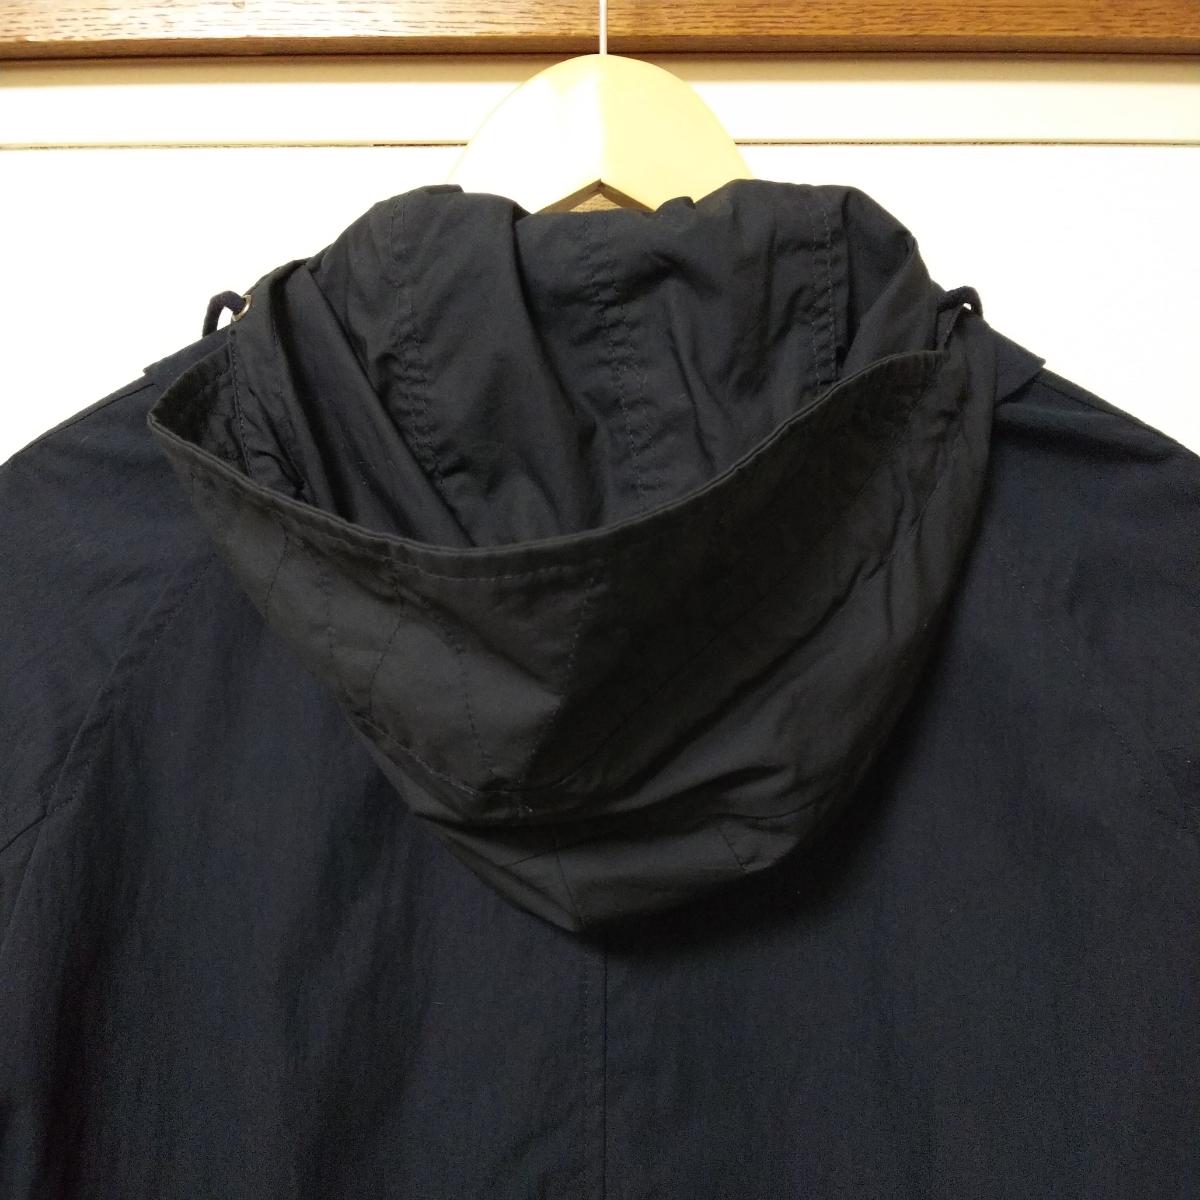 【新品タグ付き】LE JUN ル・ジュン フード付き ステンコート Mサイズ ネイビー 未使用 自宅保管品_画像8